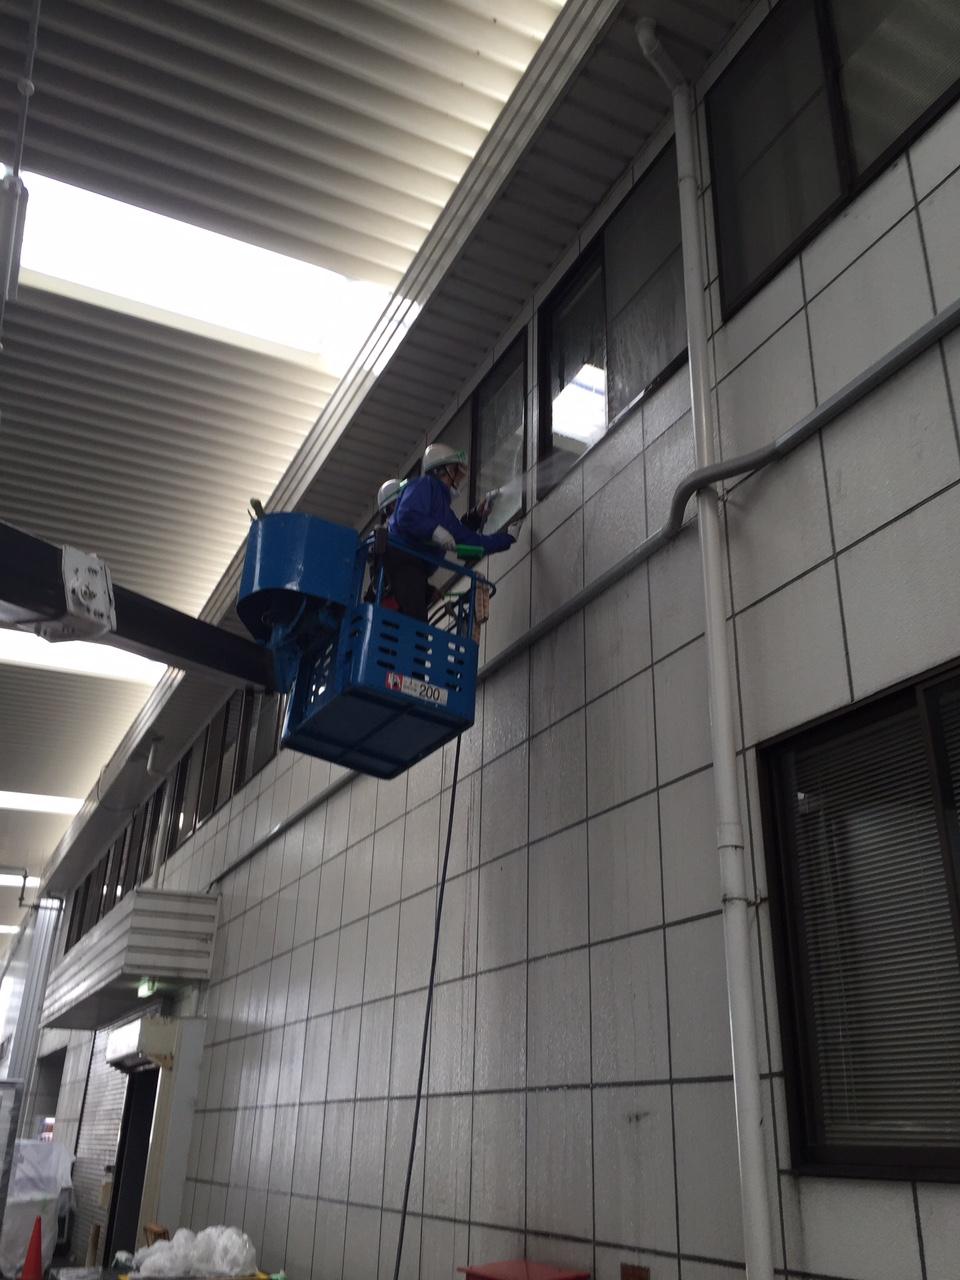 高所作業車で窓ガラス清掃